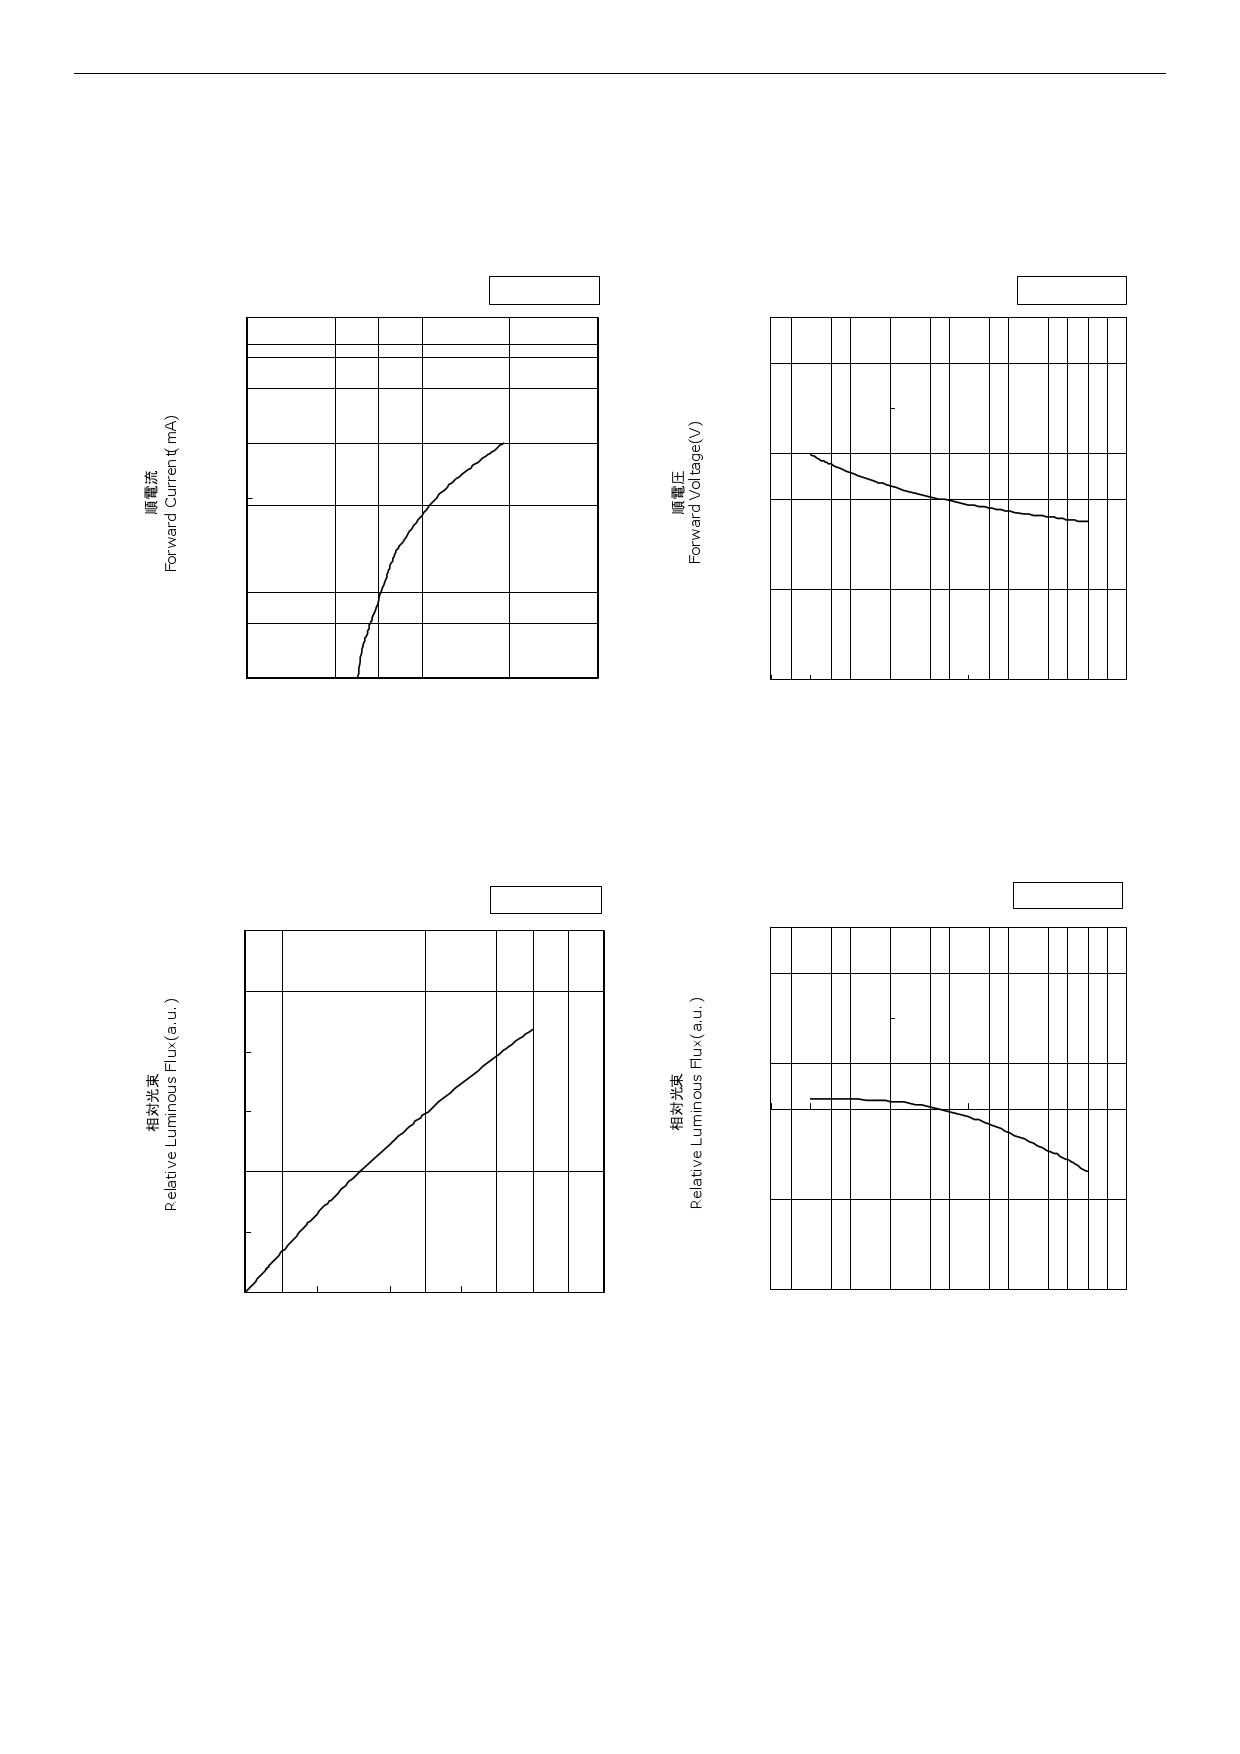 NSSW157AT pdf, datenblatt